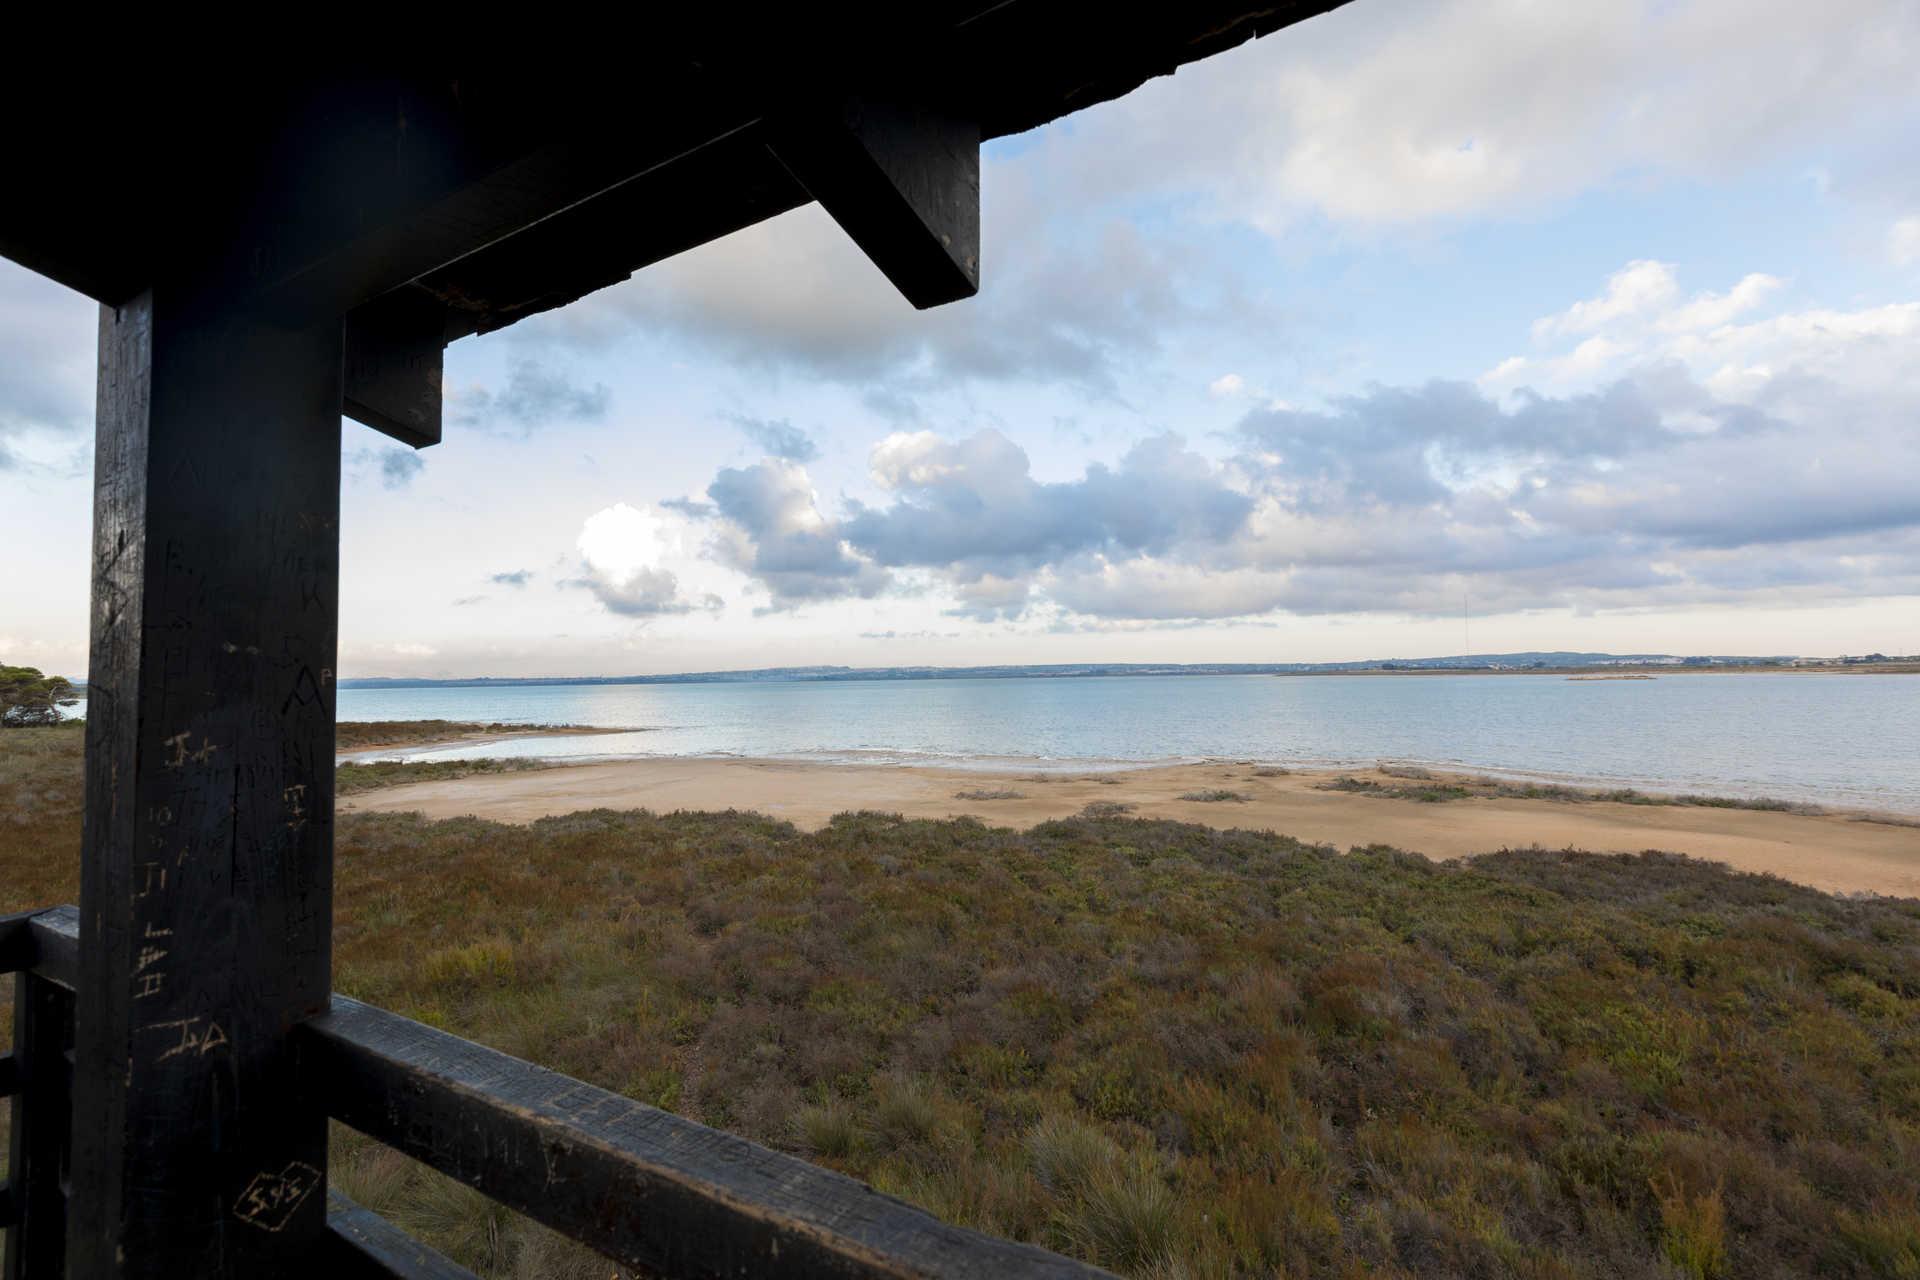 Parque Natural de las Lagunas de la Mata y Torrevieja